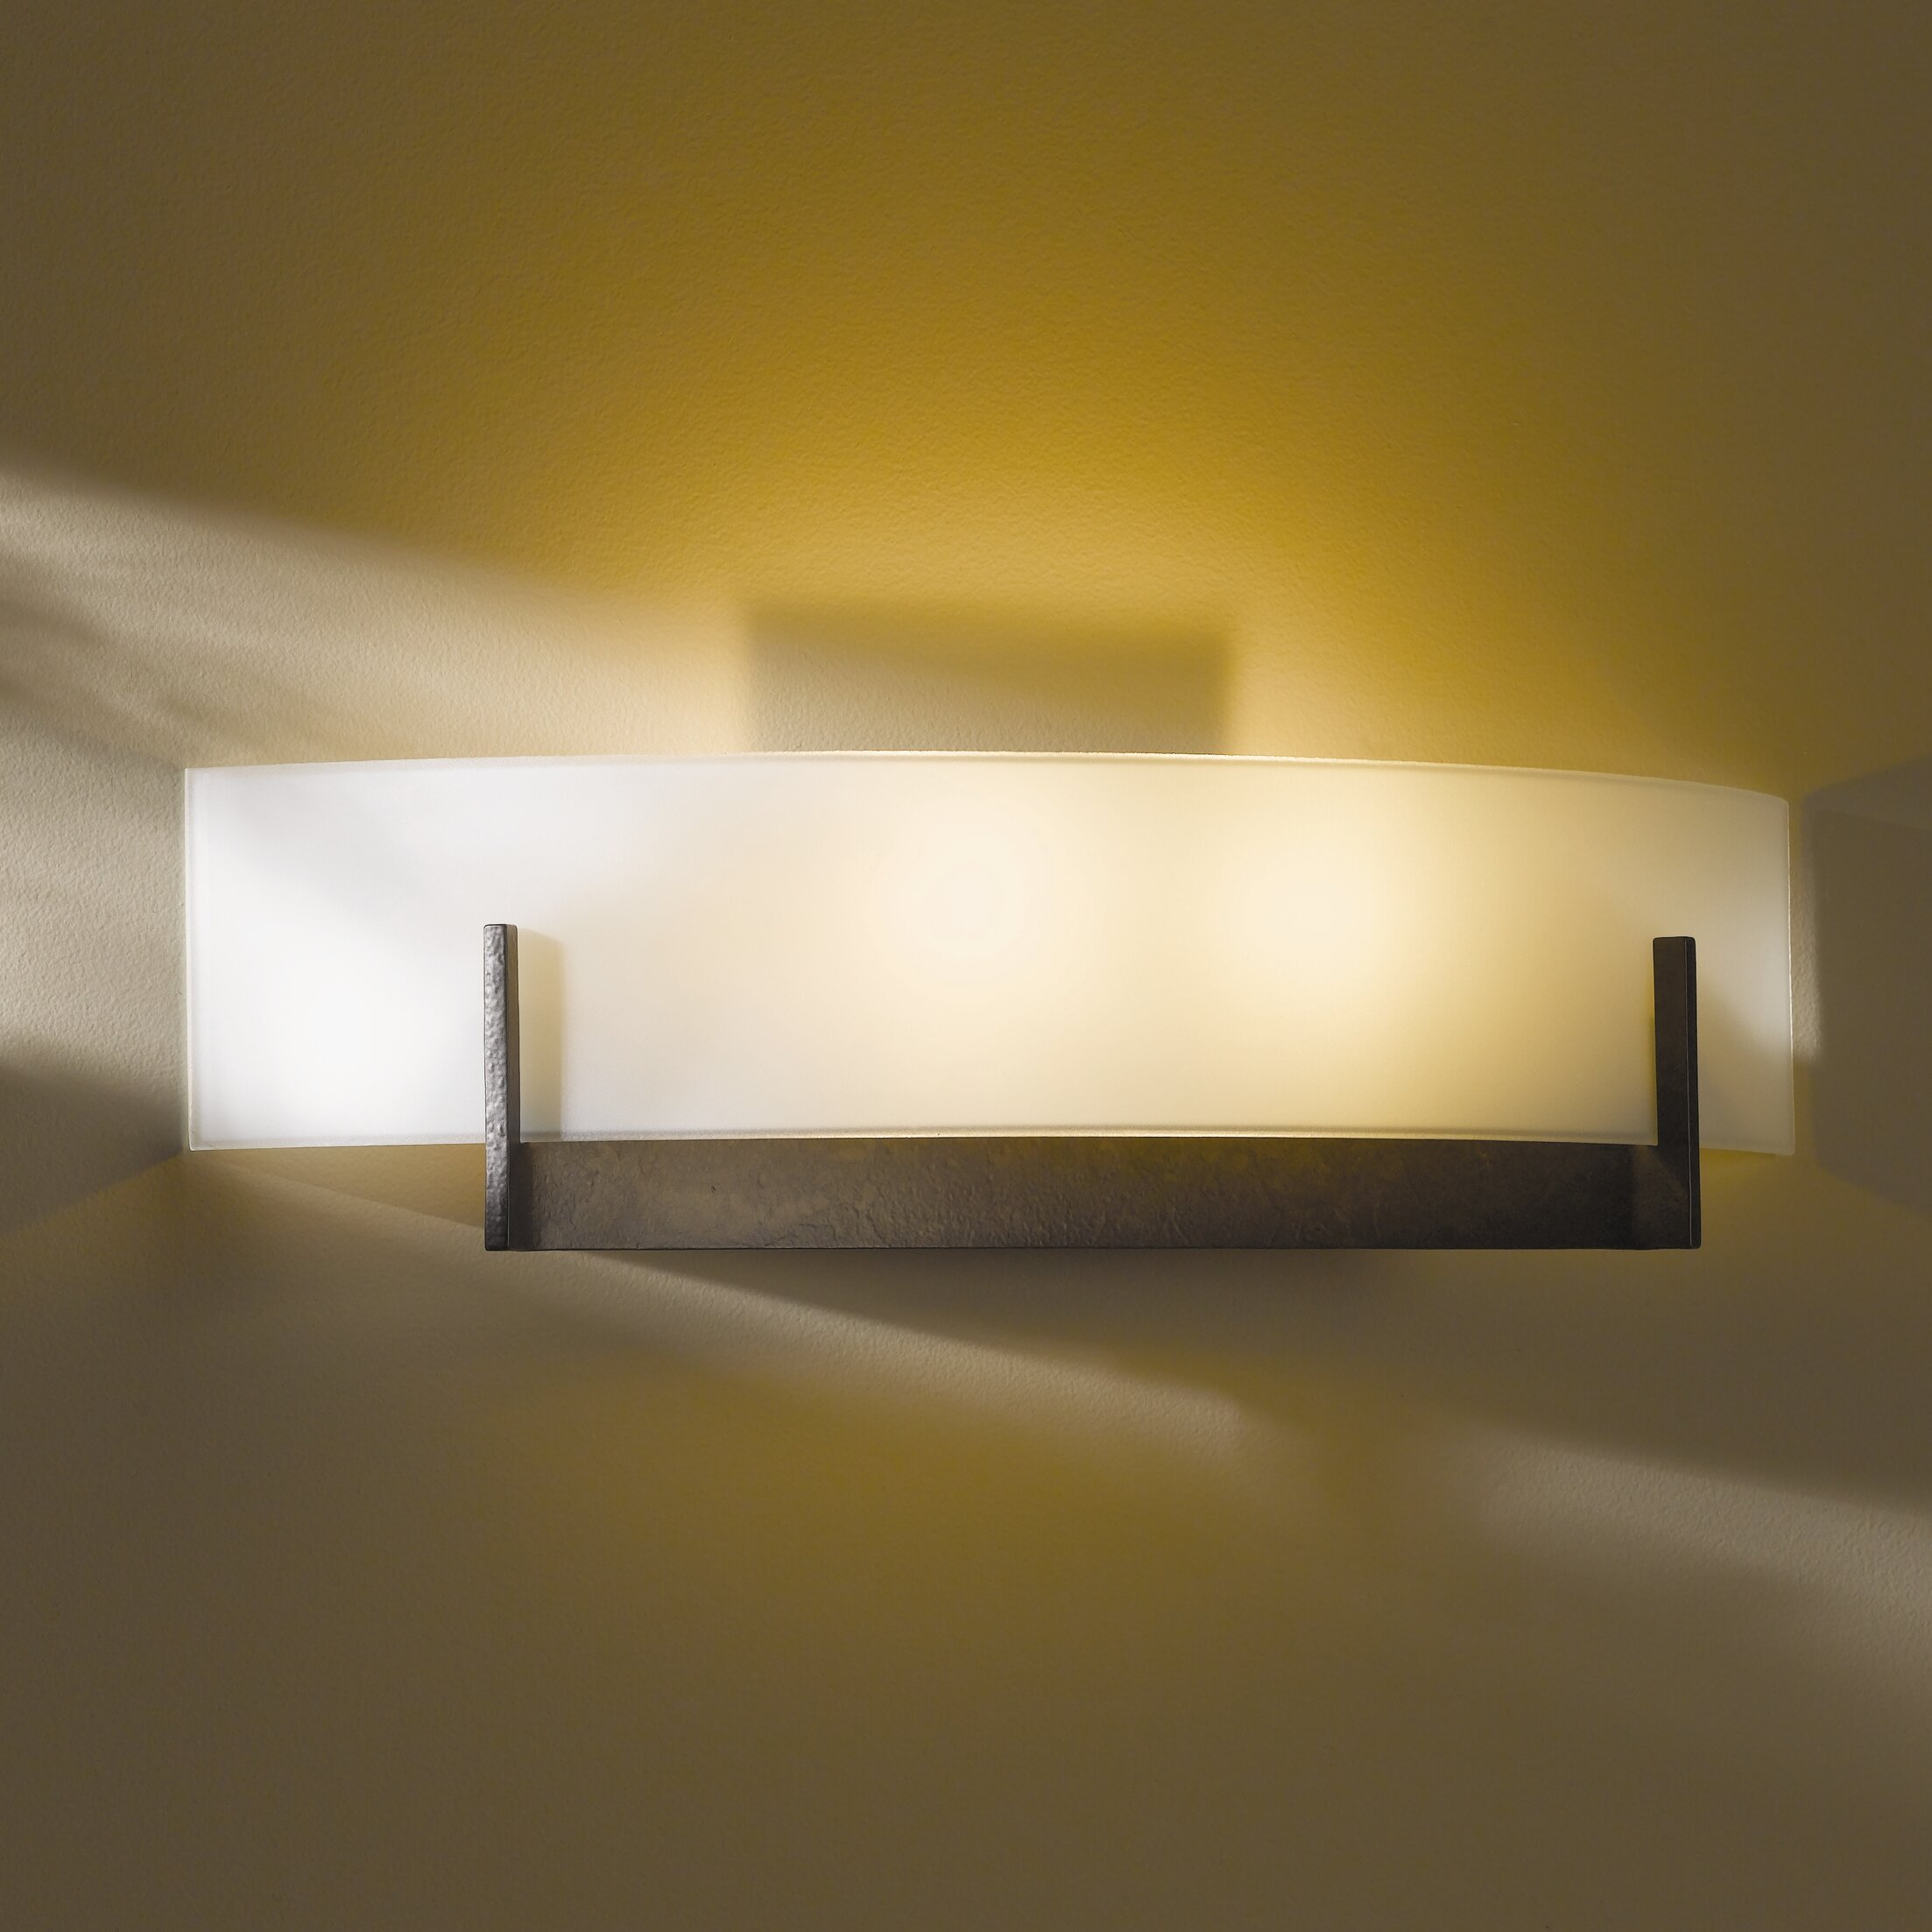 Hubbardton Forge Wall Lights: Hubbardton Forge Axis 2 Light Wall Sconce